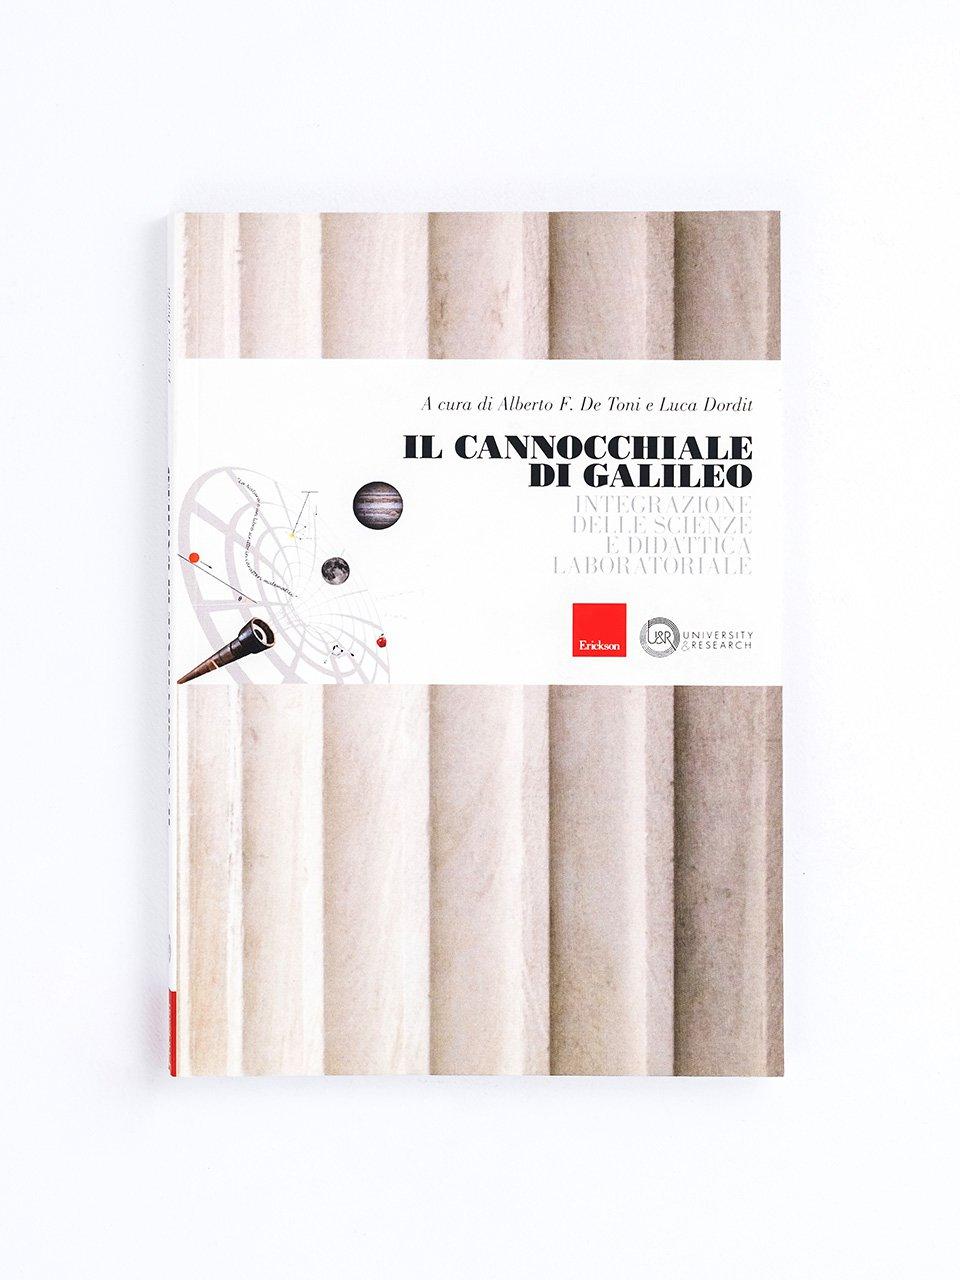 Il cannocchiale di Galileo - Progettare la didattica - Erickson